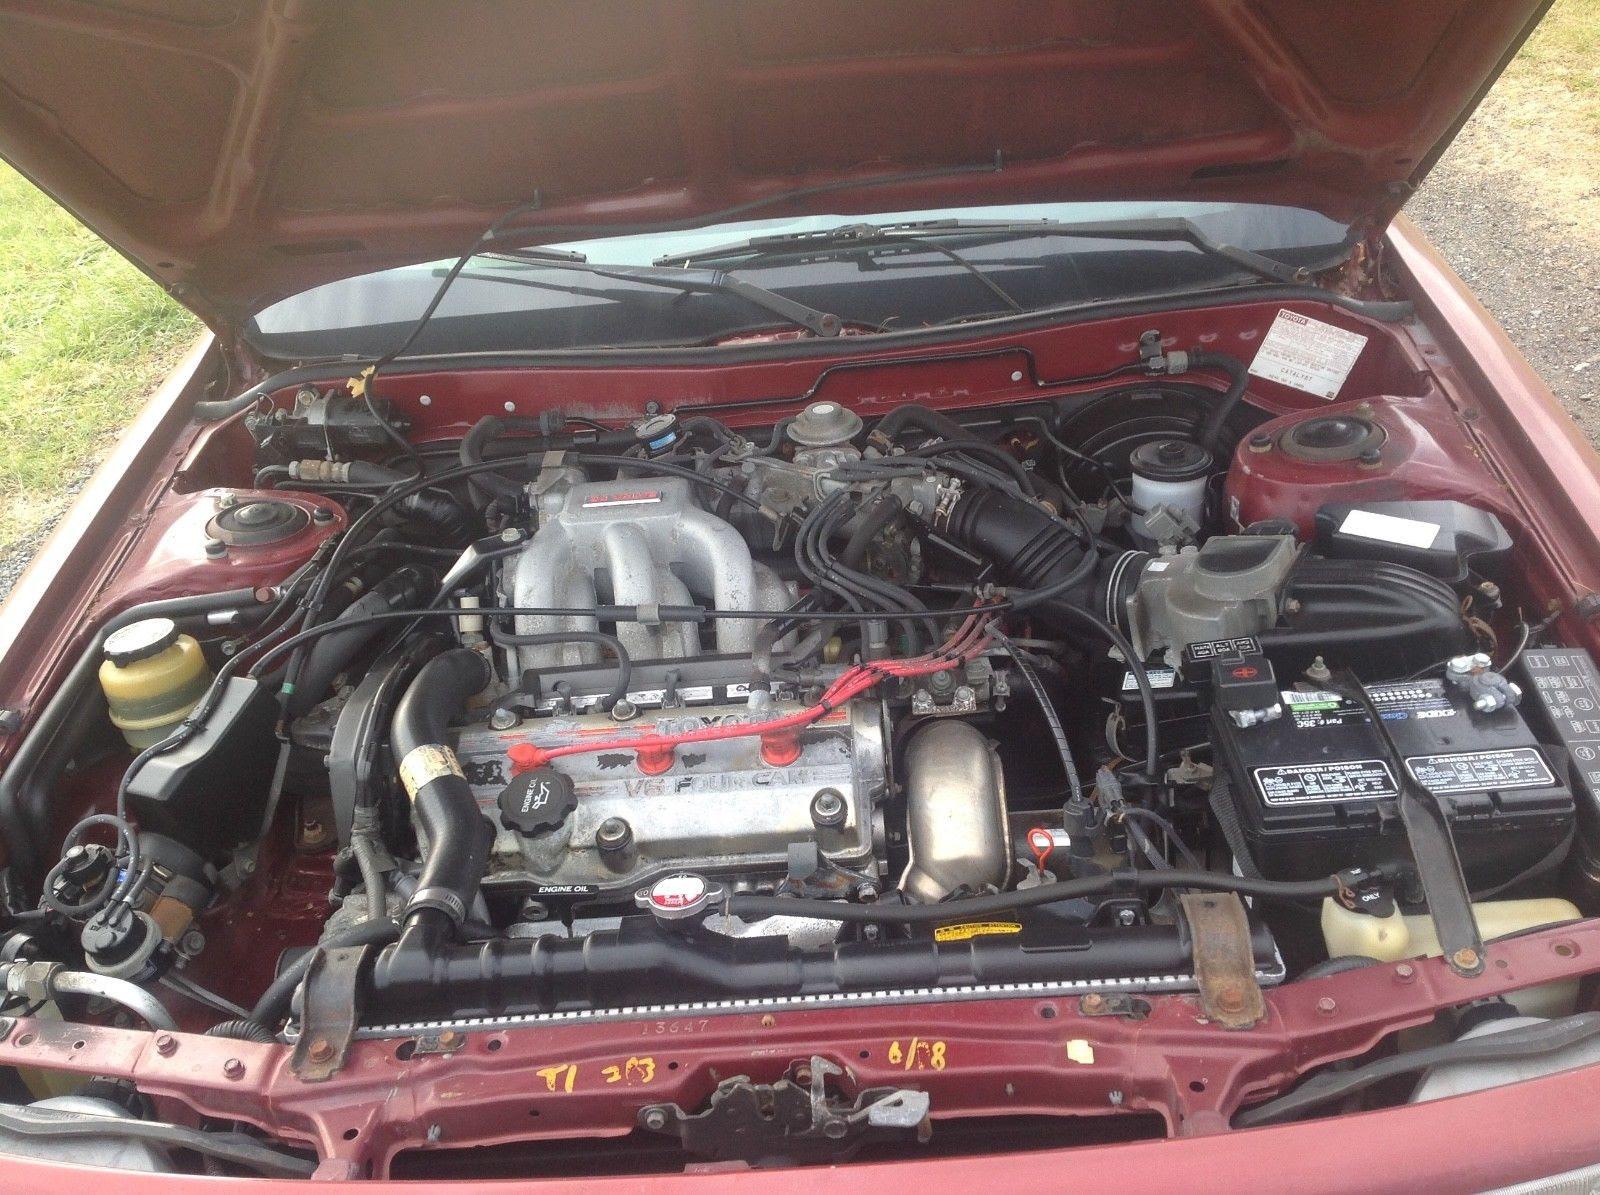 [TVPR_3874]  Toyota Camry V6 Engine | 1990 Toyota Camry Engine Diagram |  | Toyota Camry - blogger